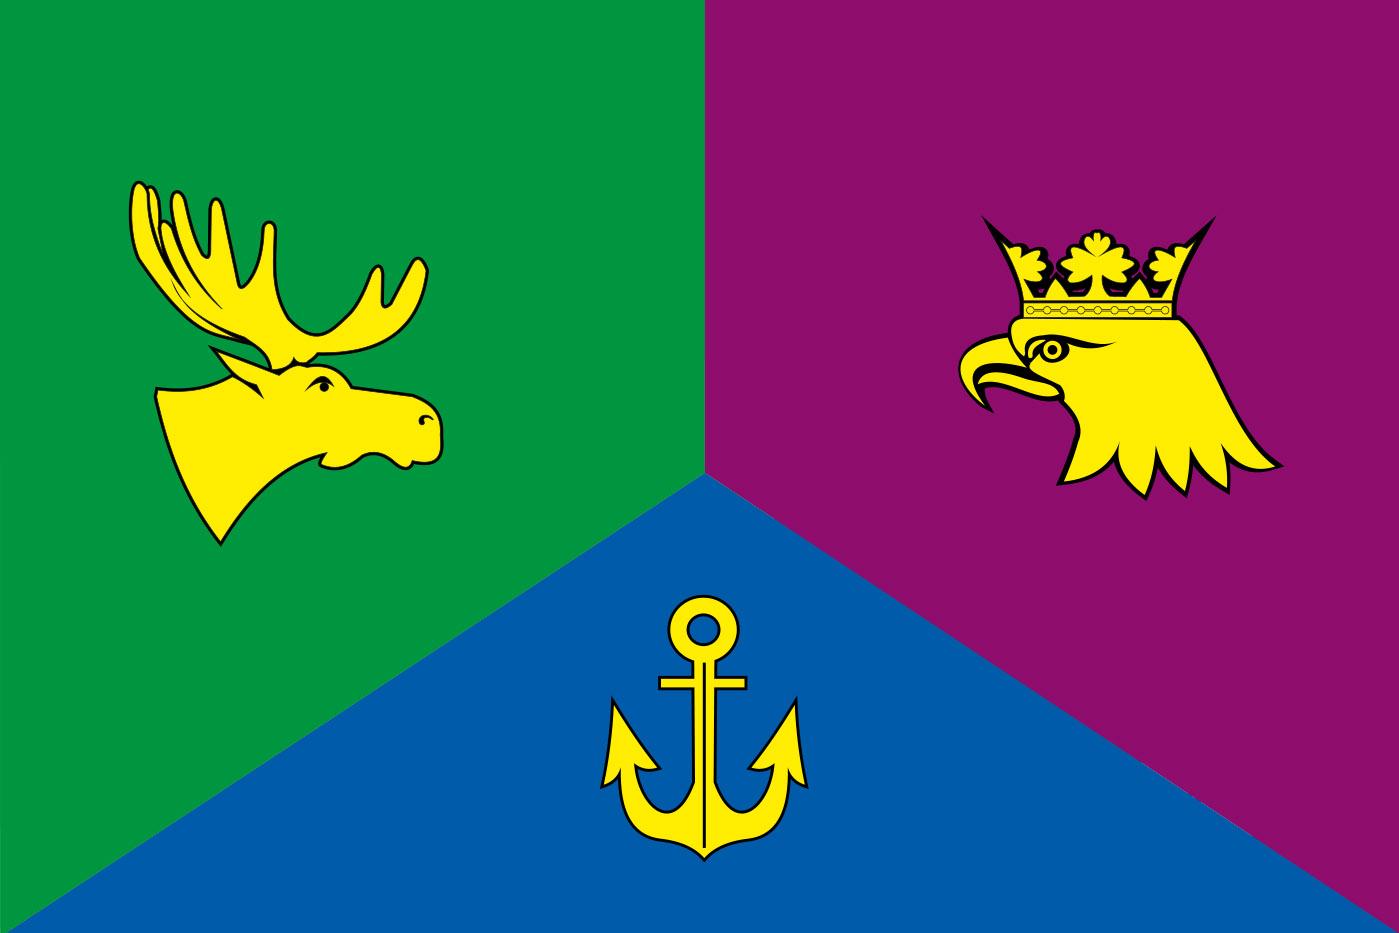 Флаг Восточного административного округа Москвы